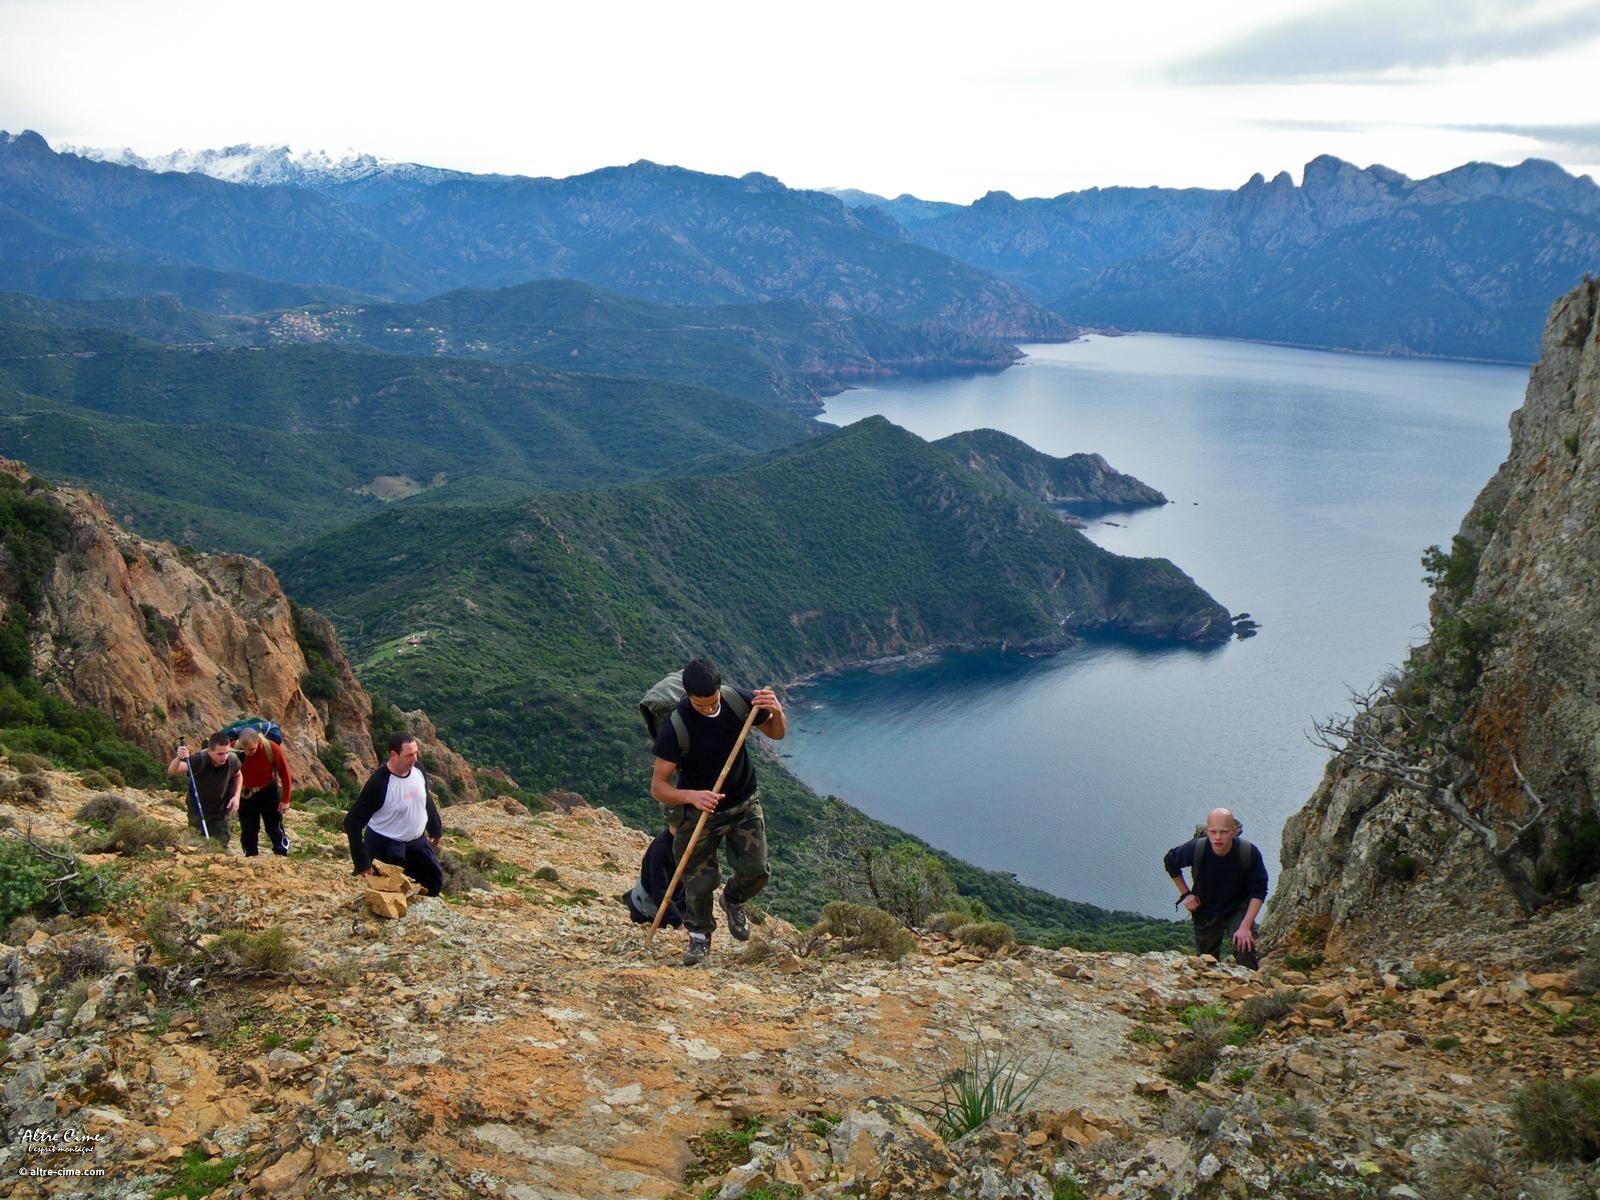 9 bonnes raisons pour partir en vacances la montagne l 39 t la france du nord au sud le blog - Vacances en montagne locati architectes ...